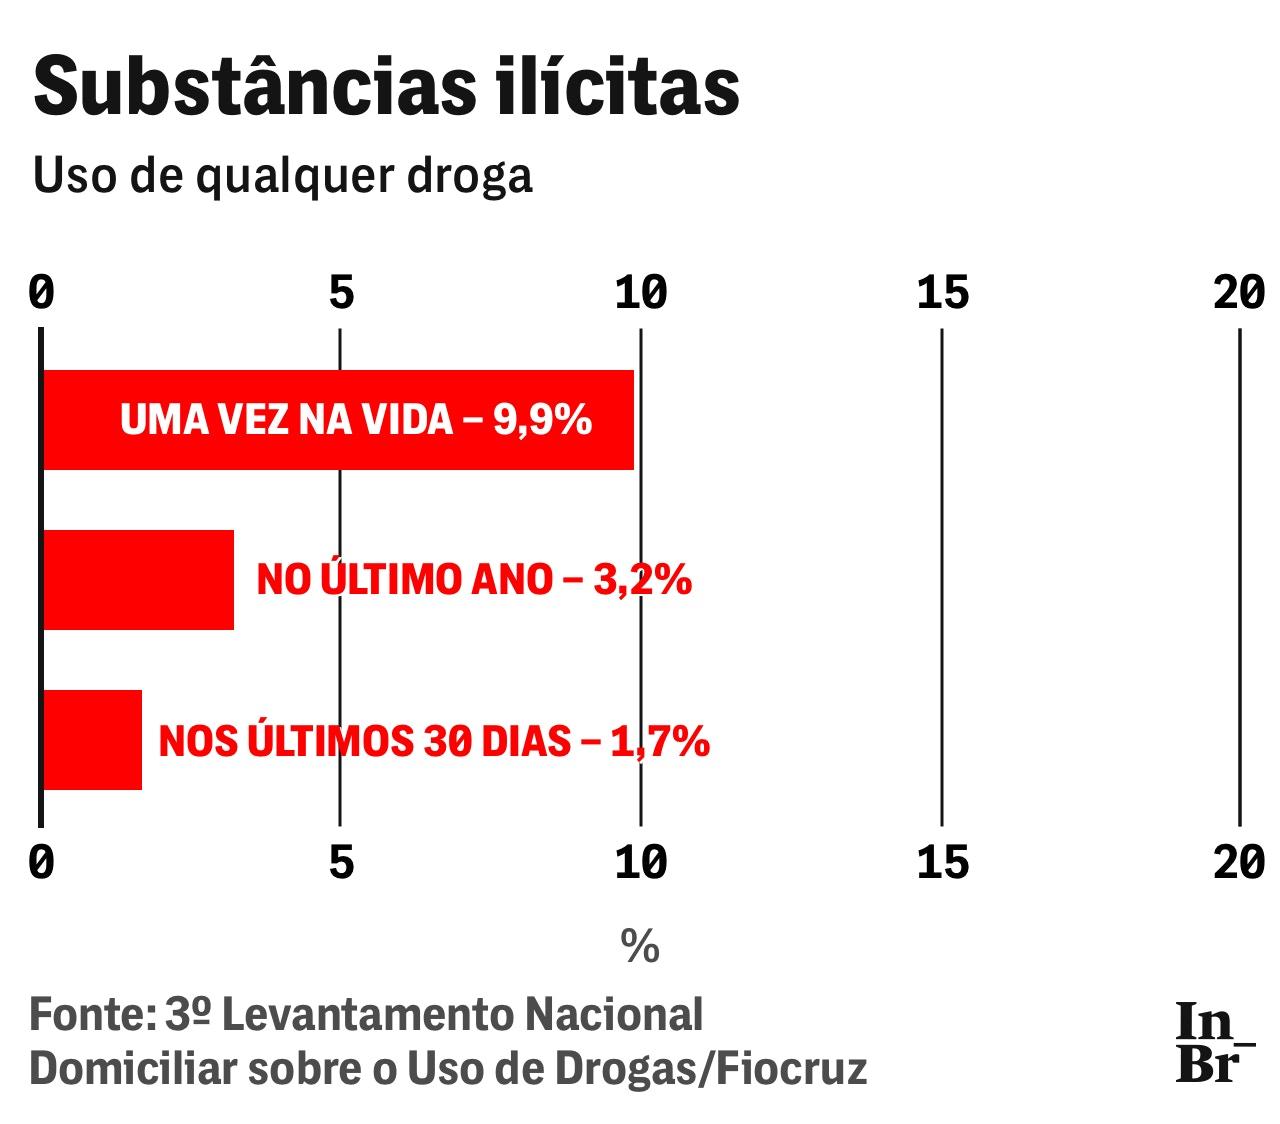 29 03 19 drogas grafico ilicitas 1 fix 1554130666 Guerra à informação: Governo esconde levantamento nacional sobre o uso de drogas